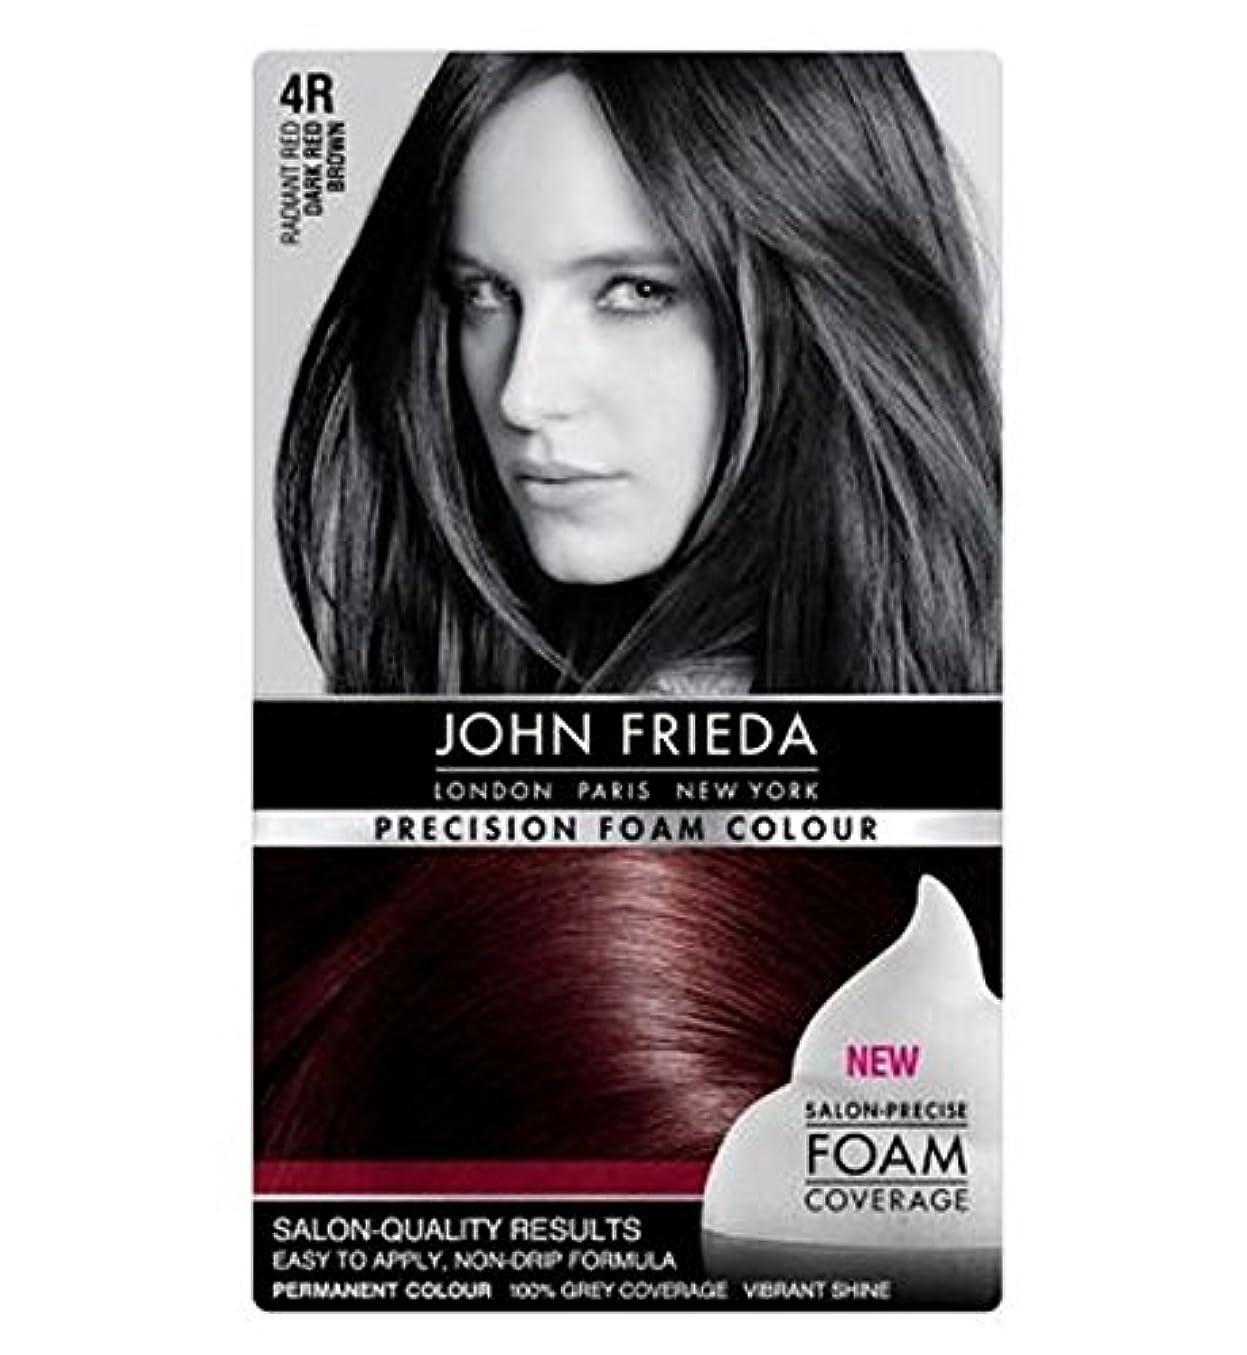 やむを得ない換気する縮約John Frieda Precision Foam Colour 4R Dark Red Brown - ジョン?フリーダ精密泡カラー4R濃い赤茶色 (John Frieda) [並行輸入品]